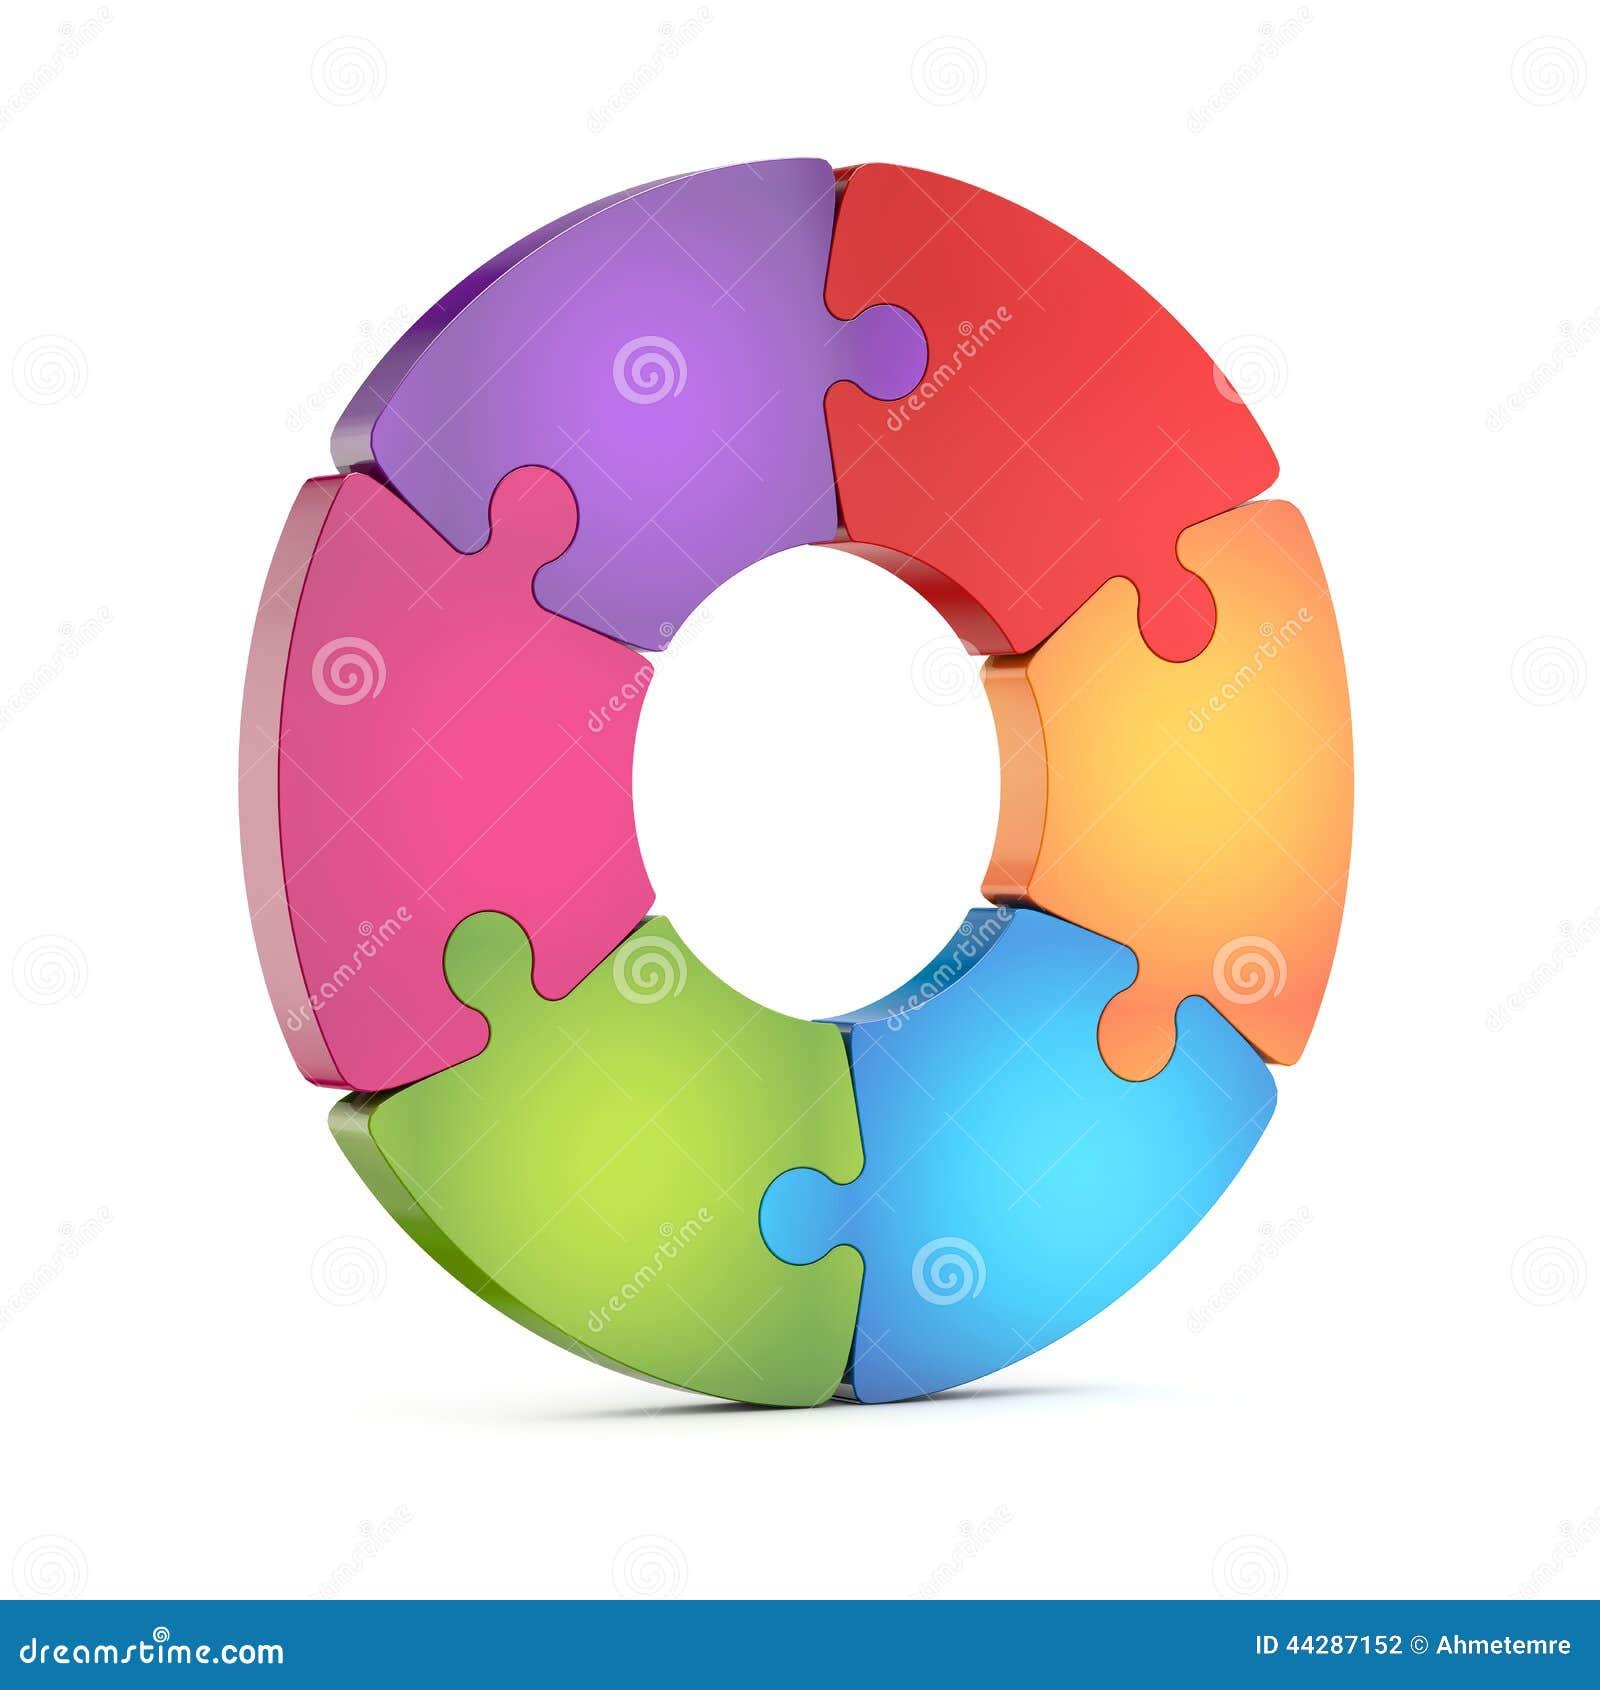 circle jigsaw puzzle wheel stock illustration image